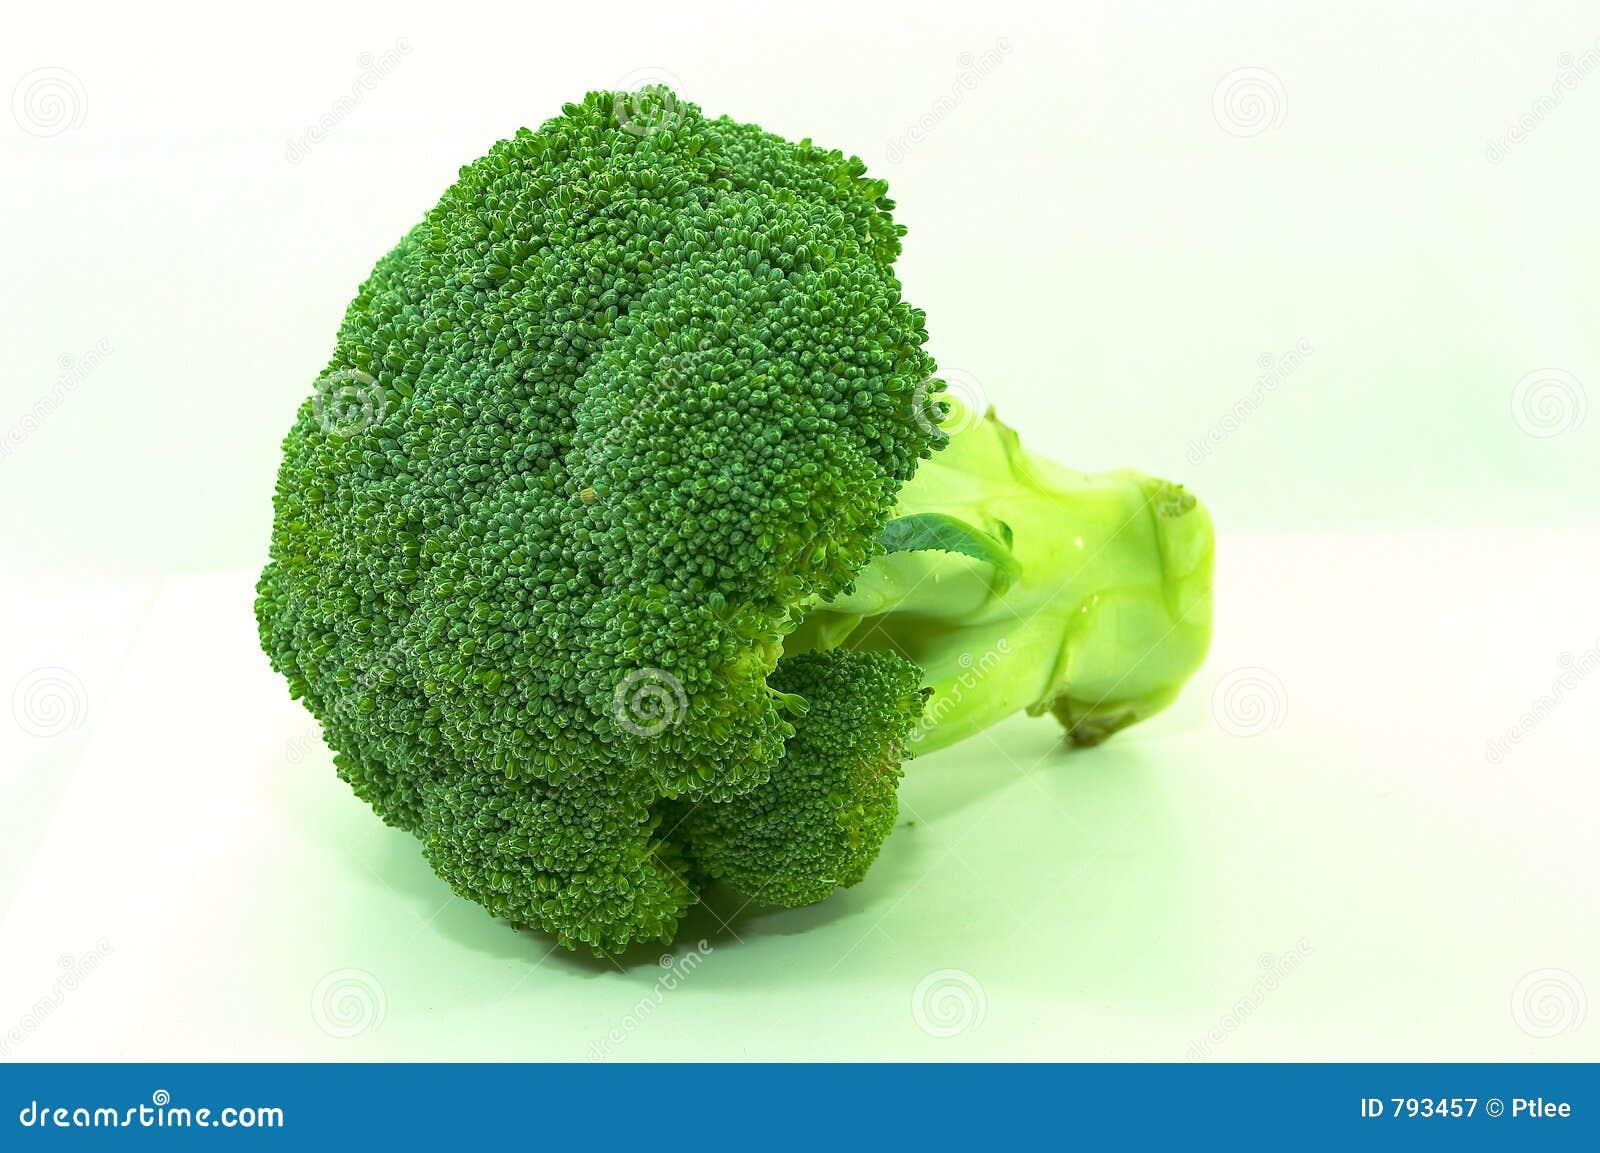 Banda brocolli występować samodzielnie